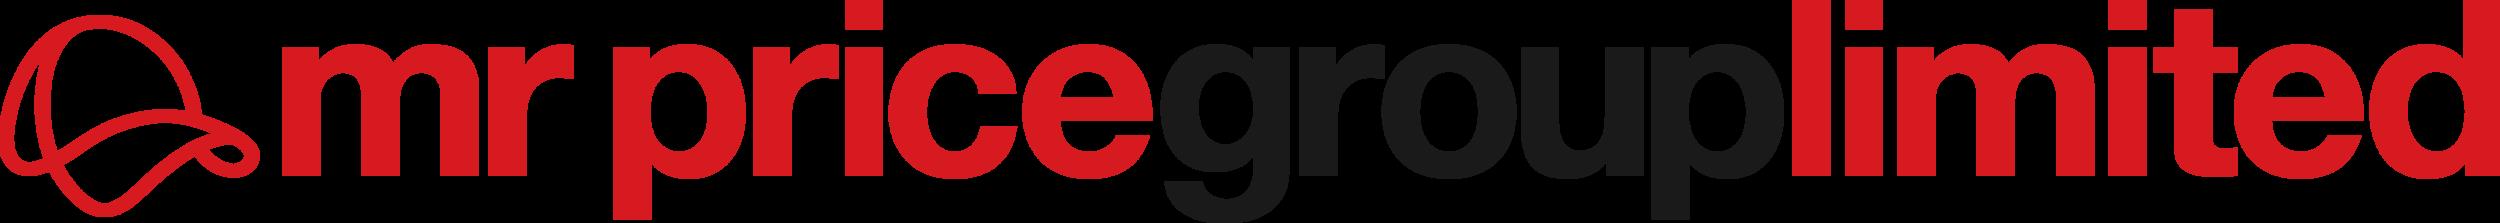 mrPriceGroup_logo_1line_redBlk.png